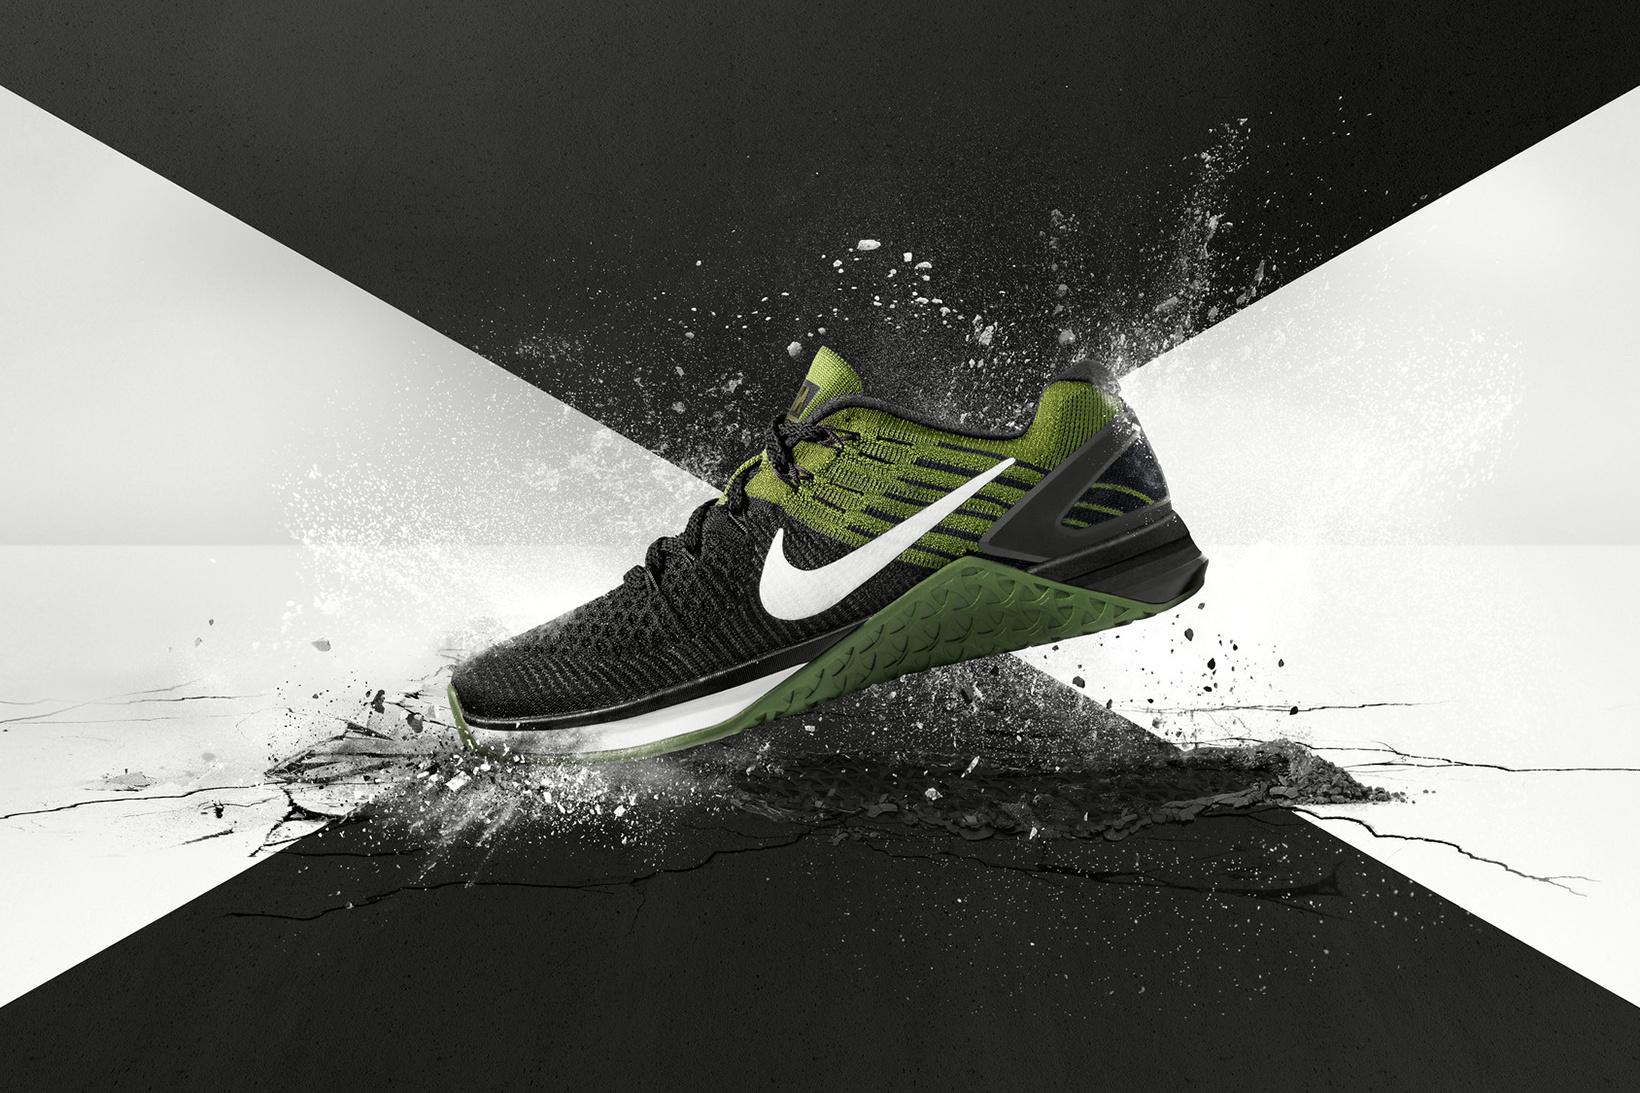 ee82bedc46557b Nike Metcon 3 + DSX Flyknit Release Date Info!